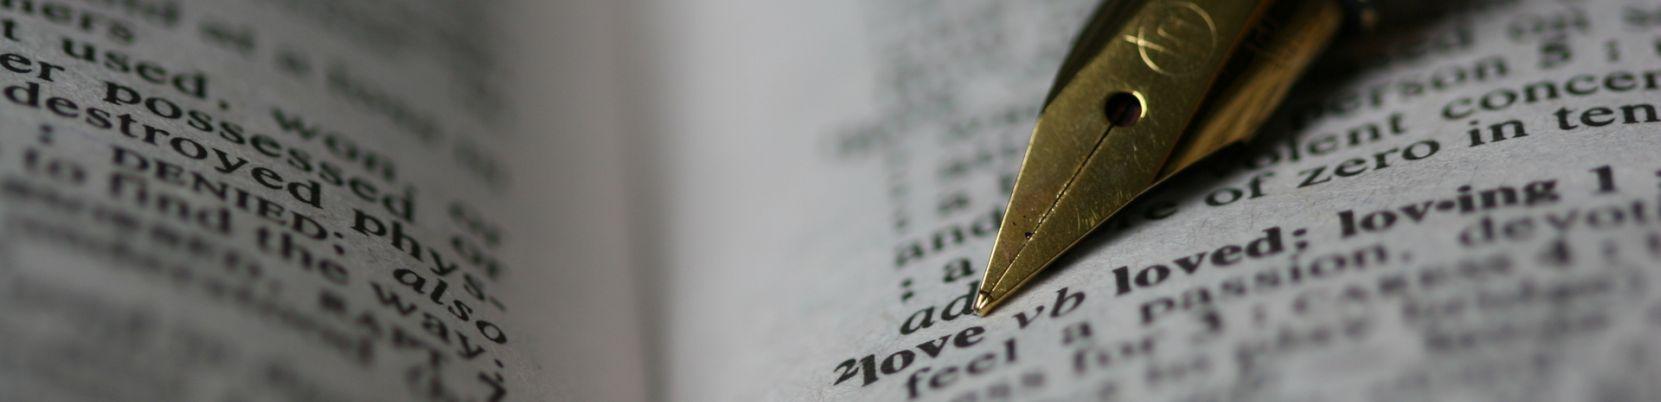 lektoriranje doktorskih disertacij in zaključnih nalog